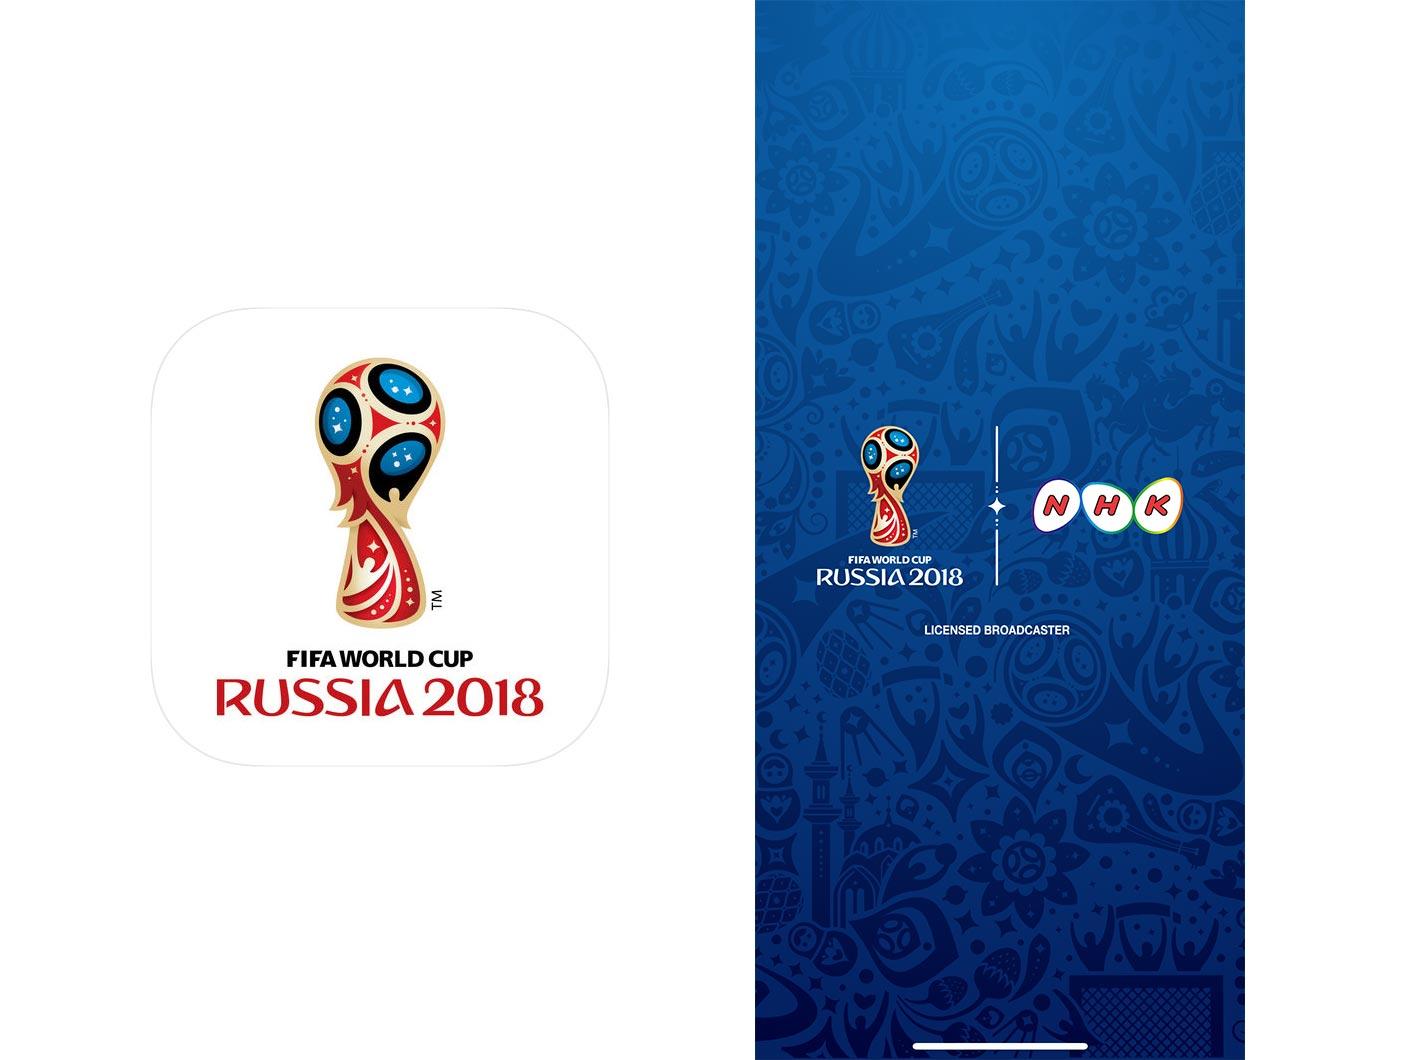 ワールドカップをさらに楽しむにはiOS向けアプリ「NHK 2018 FIFA ワールドカップ」が最高に面白い!